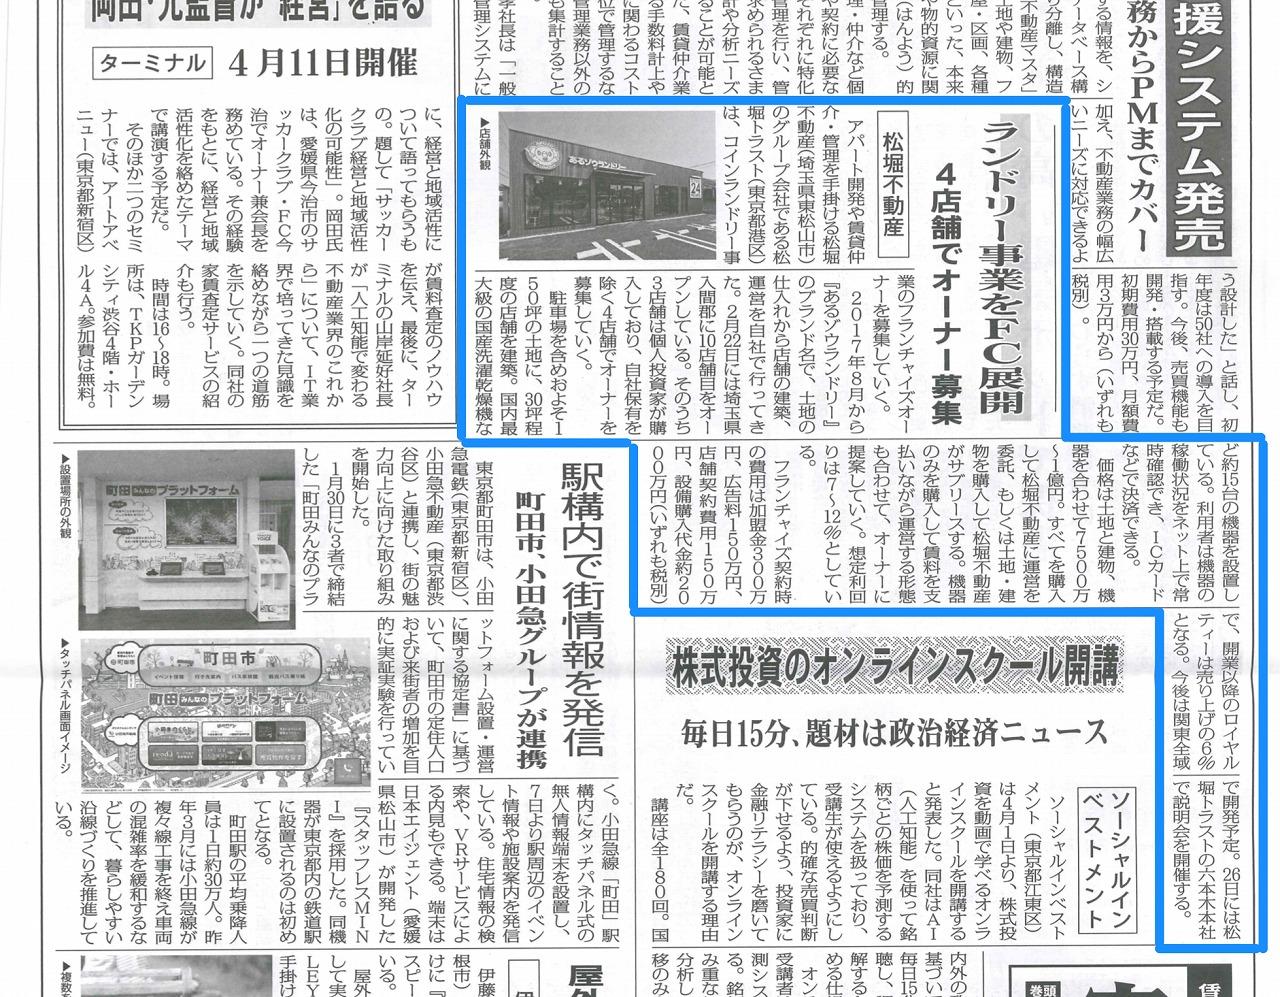 3月11日発行の全国賃貸住宅新聞